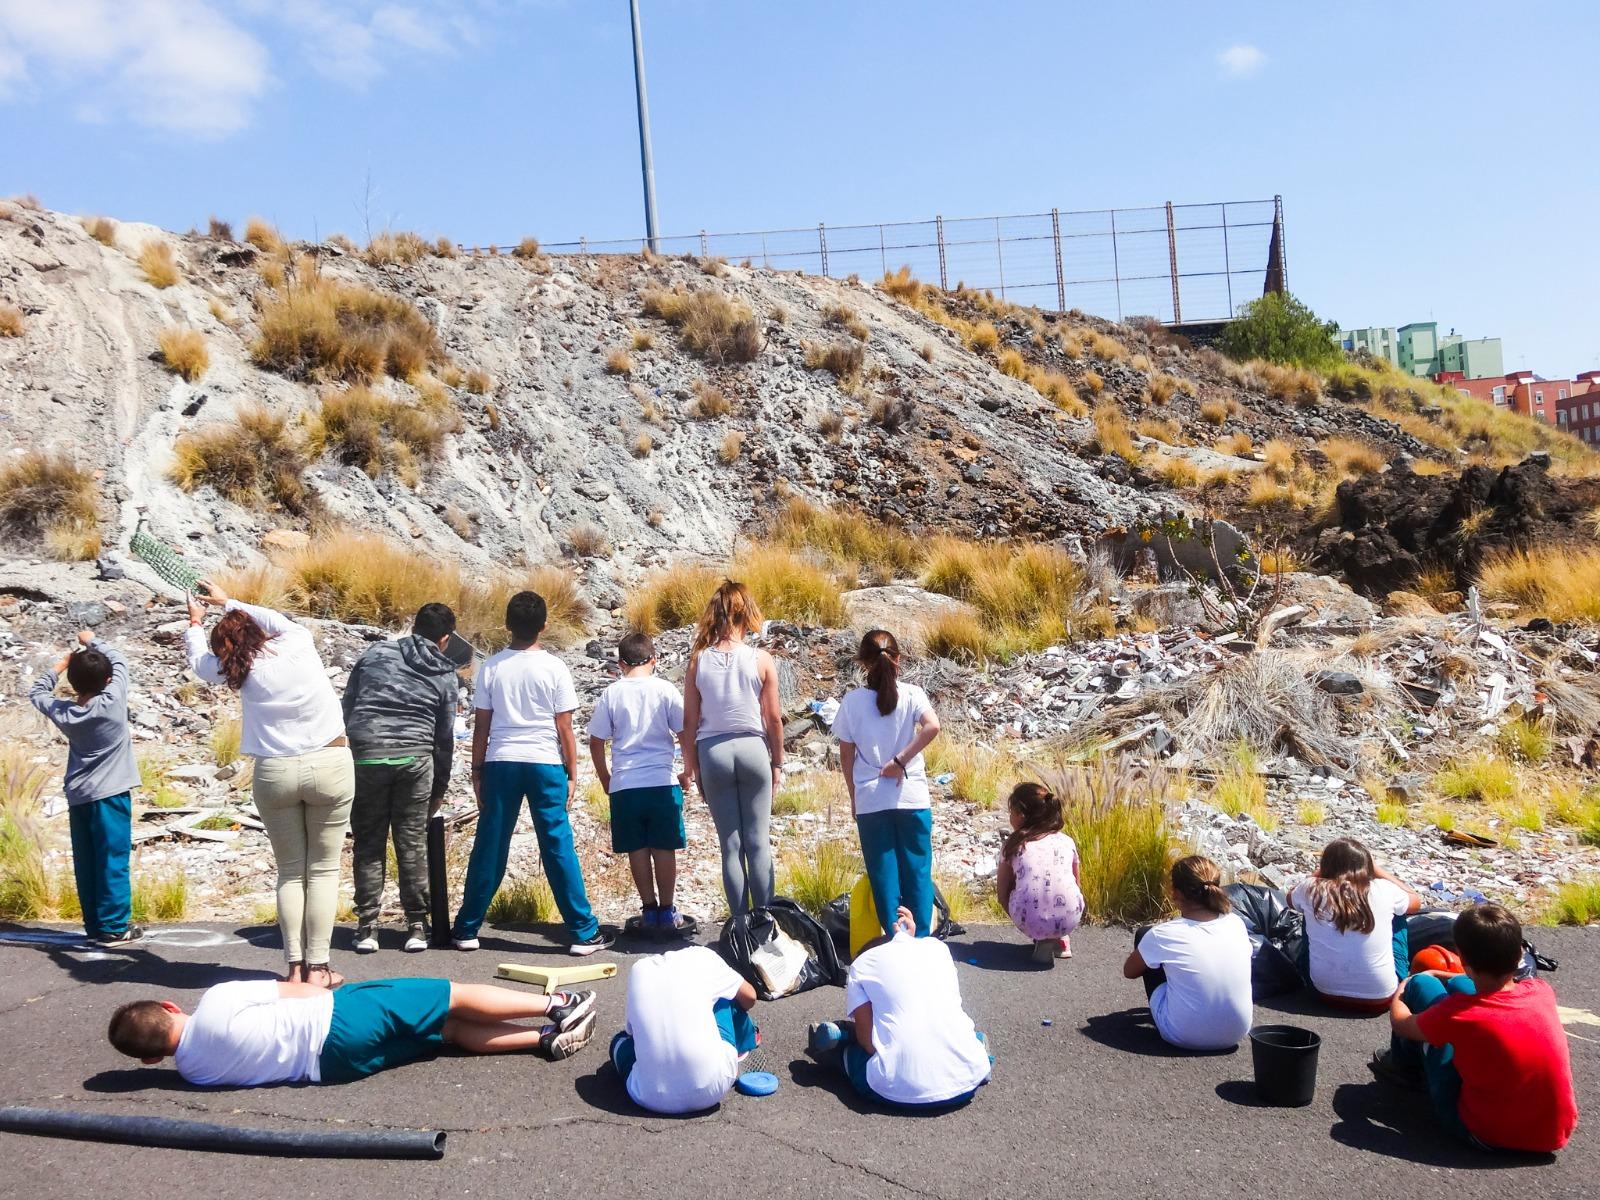 Alumnos del colegio Secundino Delgado, frente al vertedero ilegal en Añaza. / ziREjA